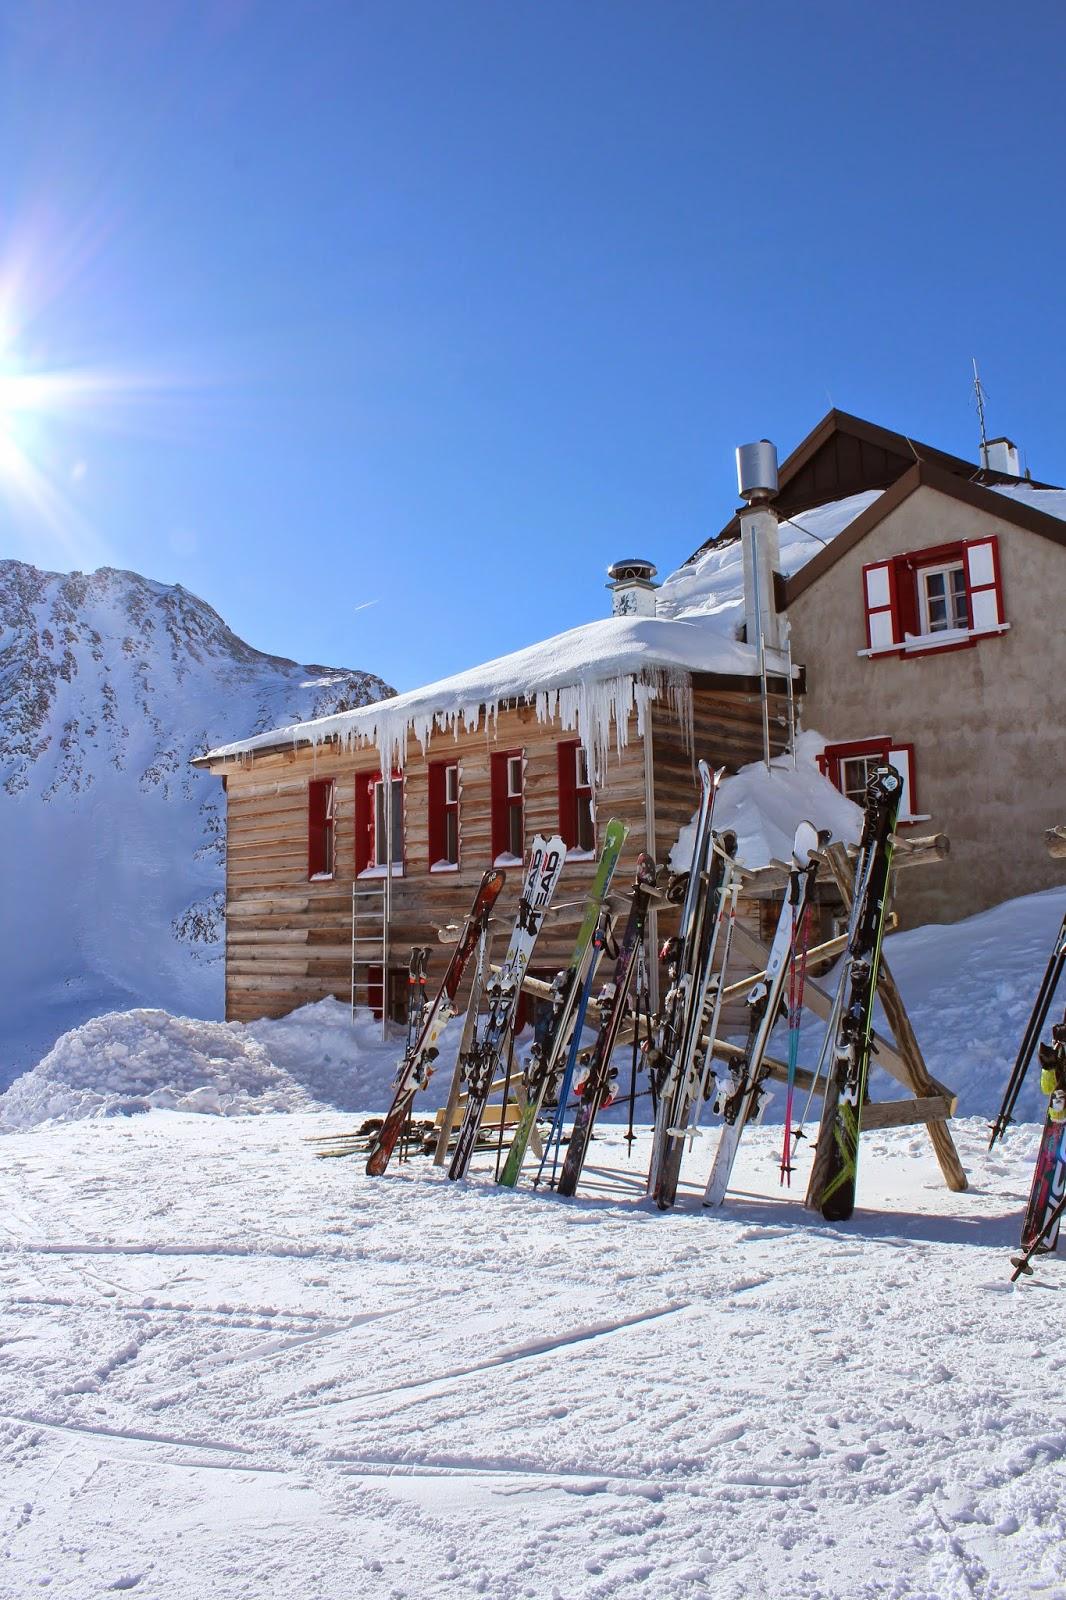 narty,volki,nordica, ski italy, sople lody, królowa śniegu, dom na szczycie lodowca, drewno, stare drwno, blog inspiracje, interiors design, stojak na narty